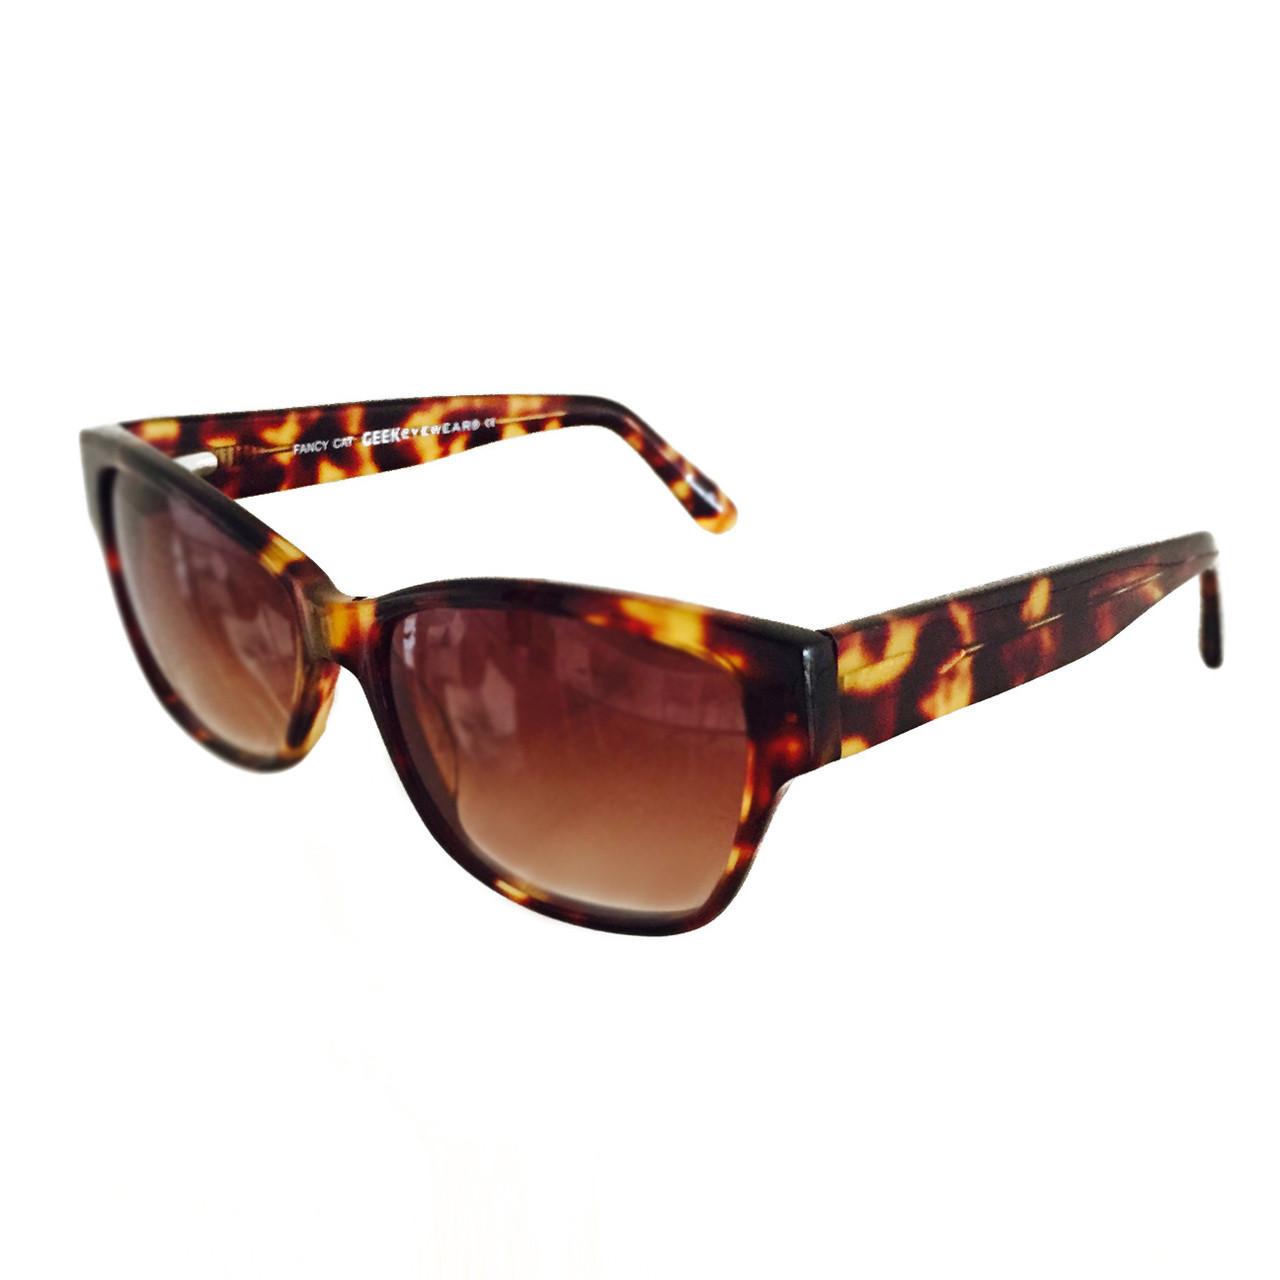 GEEK Eyewear style Fancy Cat Tortoise Sunglasses